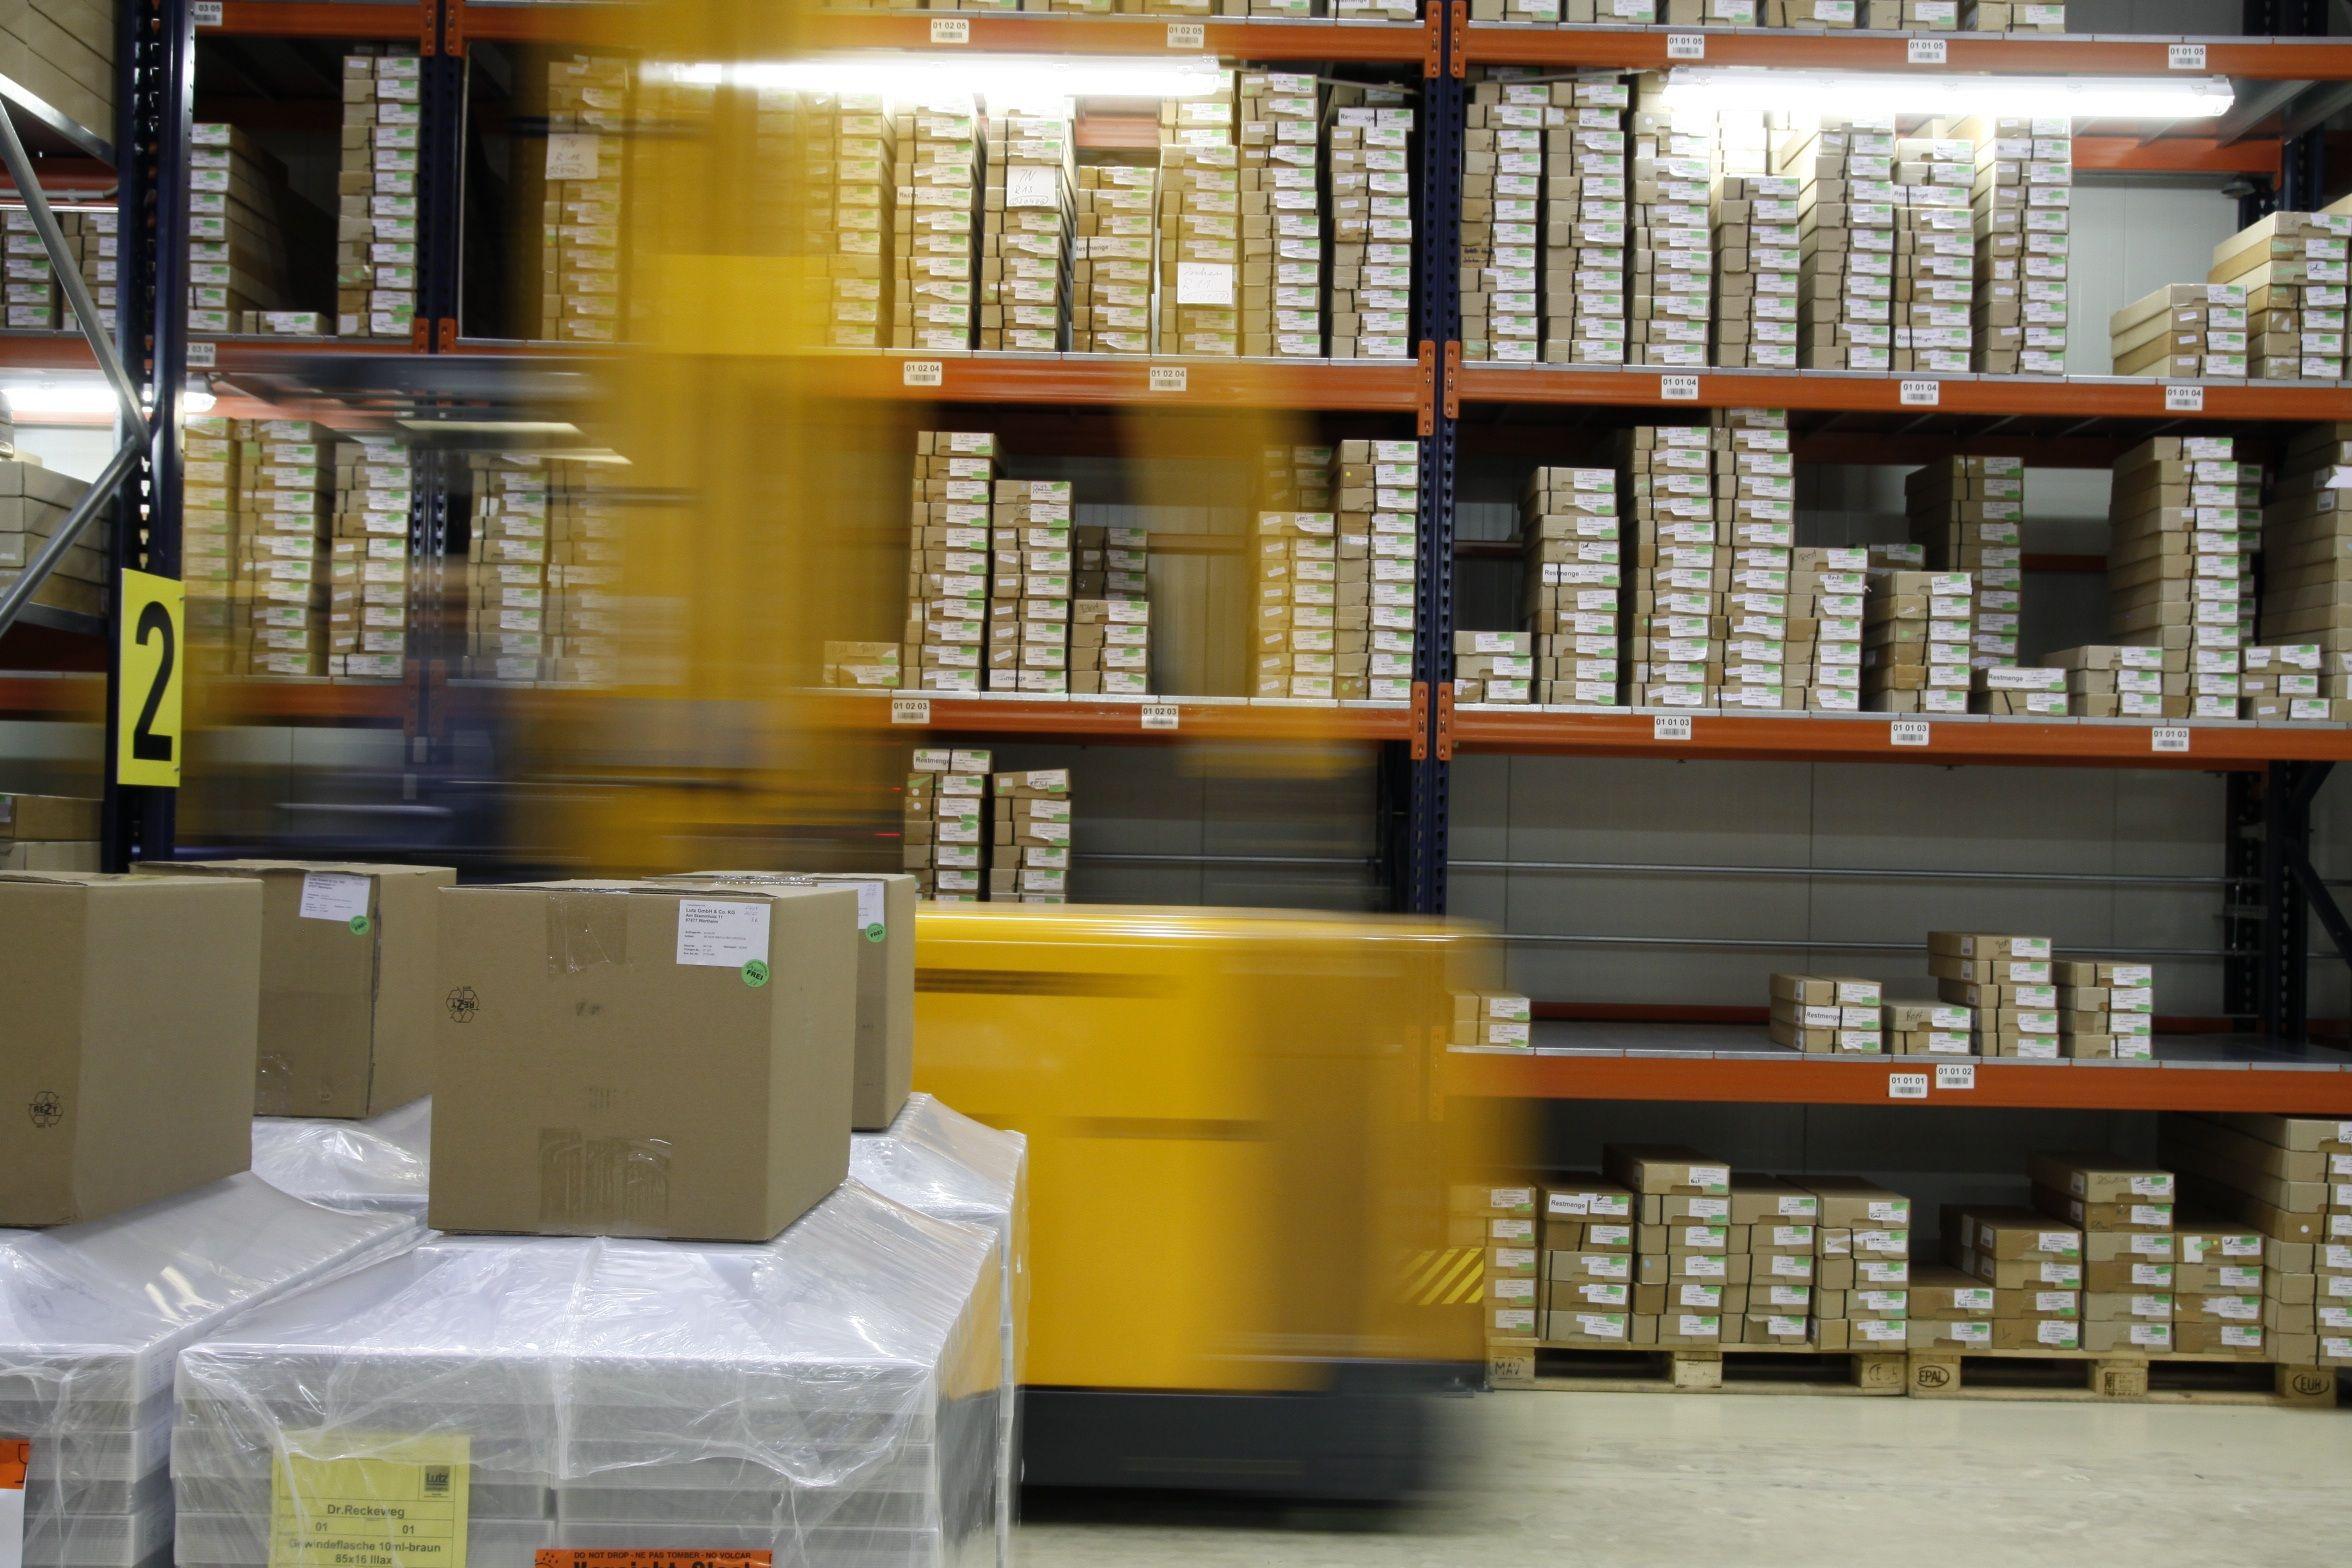 Bí mật giảm thời gian giao hàng hóa hiệu quả cho bán hàng online